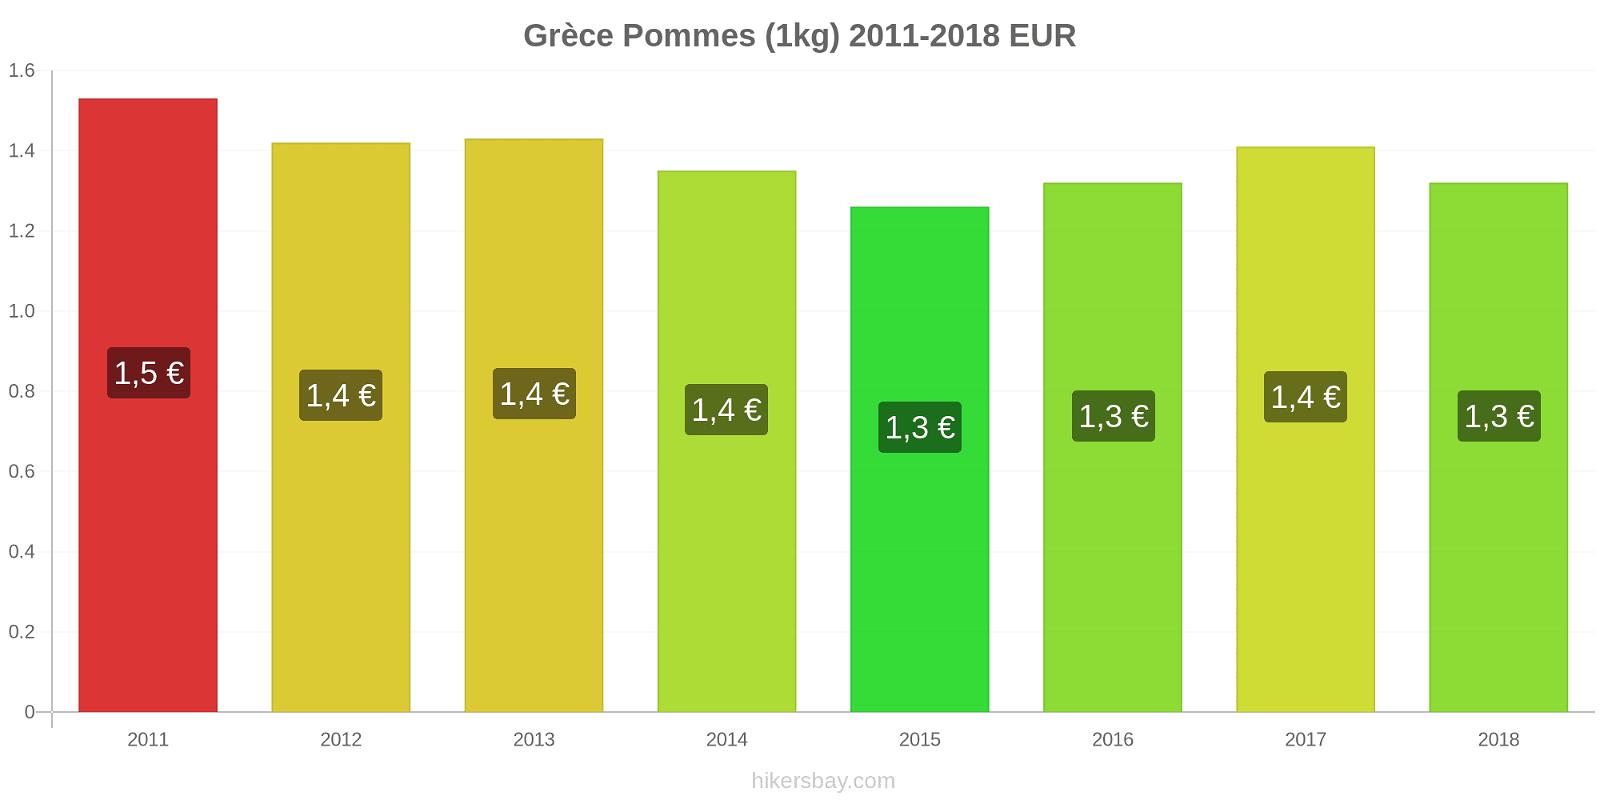 Grèce changements de prix Pommes (1kg) hikersbay.com